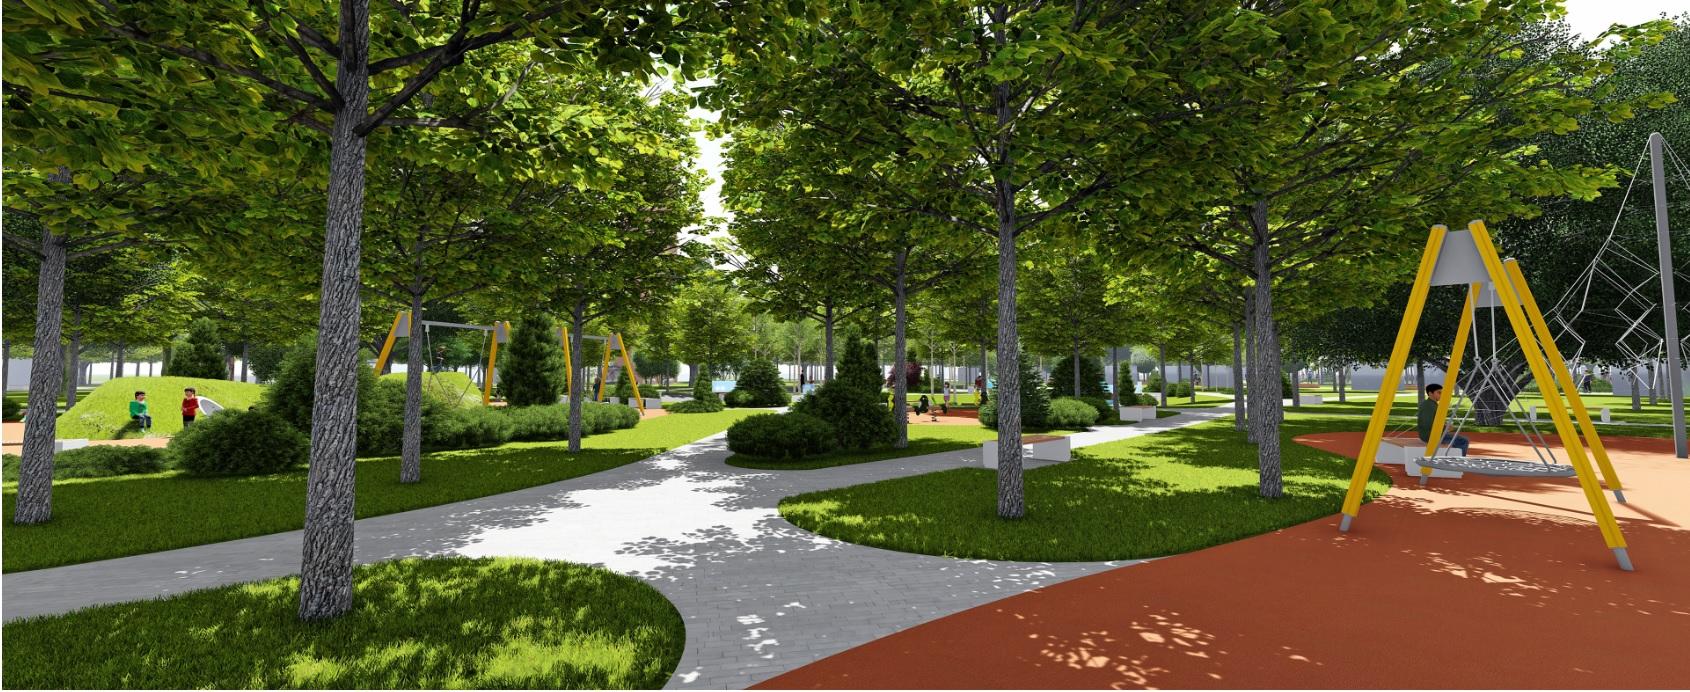 У Фастові оприлюднили проєкт реконструкції міського парку імені Гагаріна - Фастів, реконструкція, парк імені Гагаріна - Park8